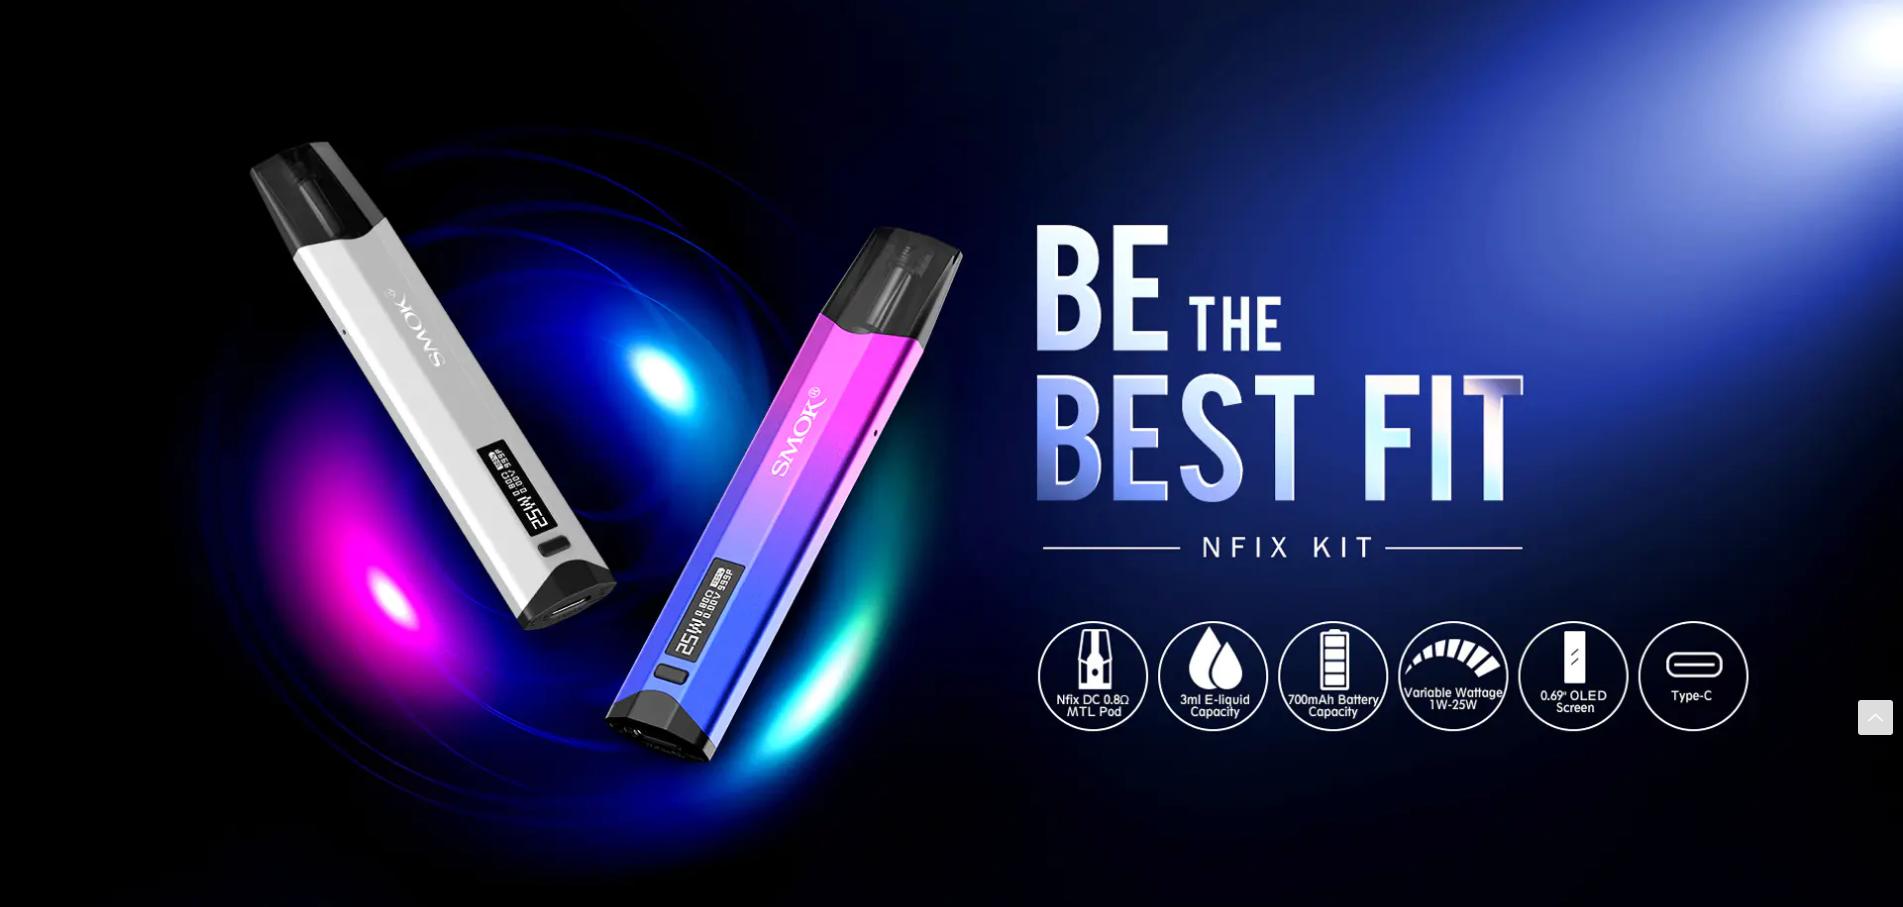 Nfix Kit